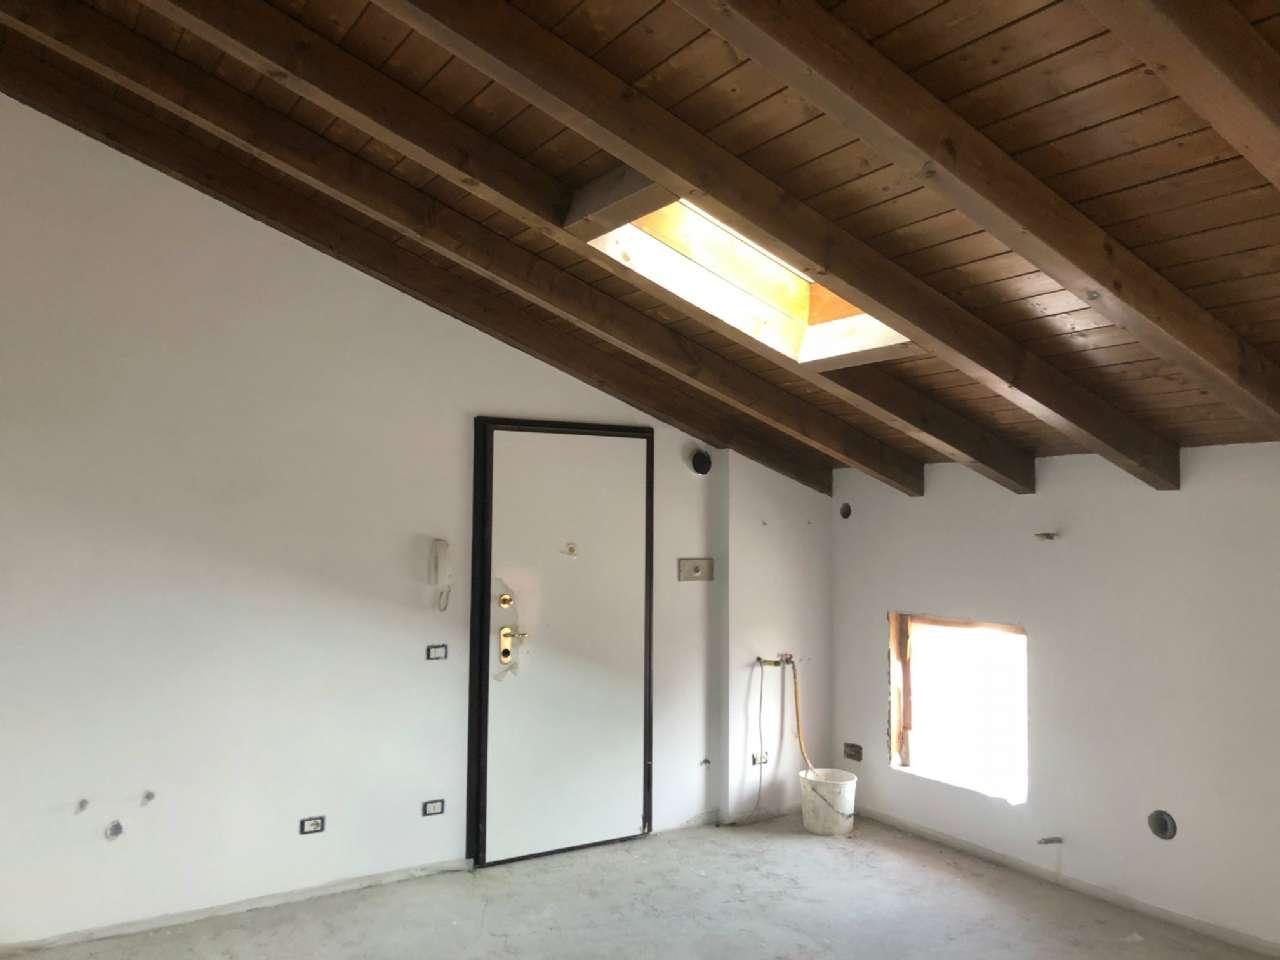 Appartamento in vendita a Casalgrande, 9999 locali, prezzo € 140.000 | PortaleAgenzieImmobiliari.it